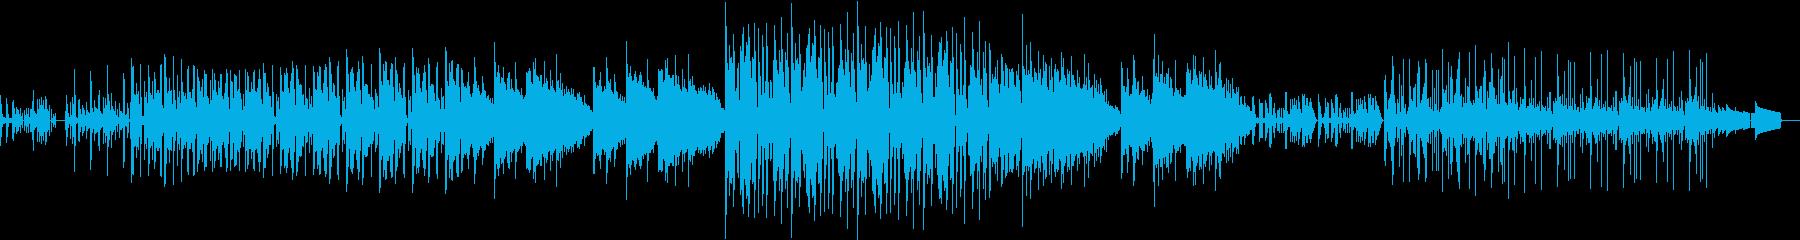 ドキドキワクワクする感じのエレクトロですの再生済みの波形